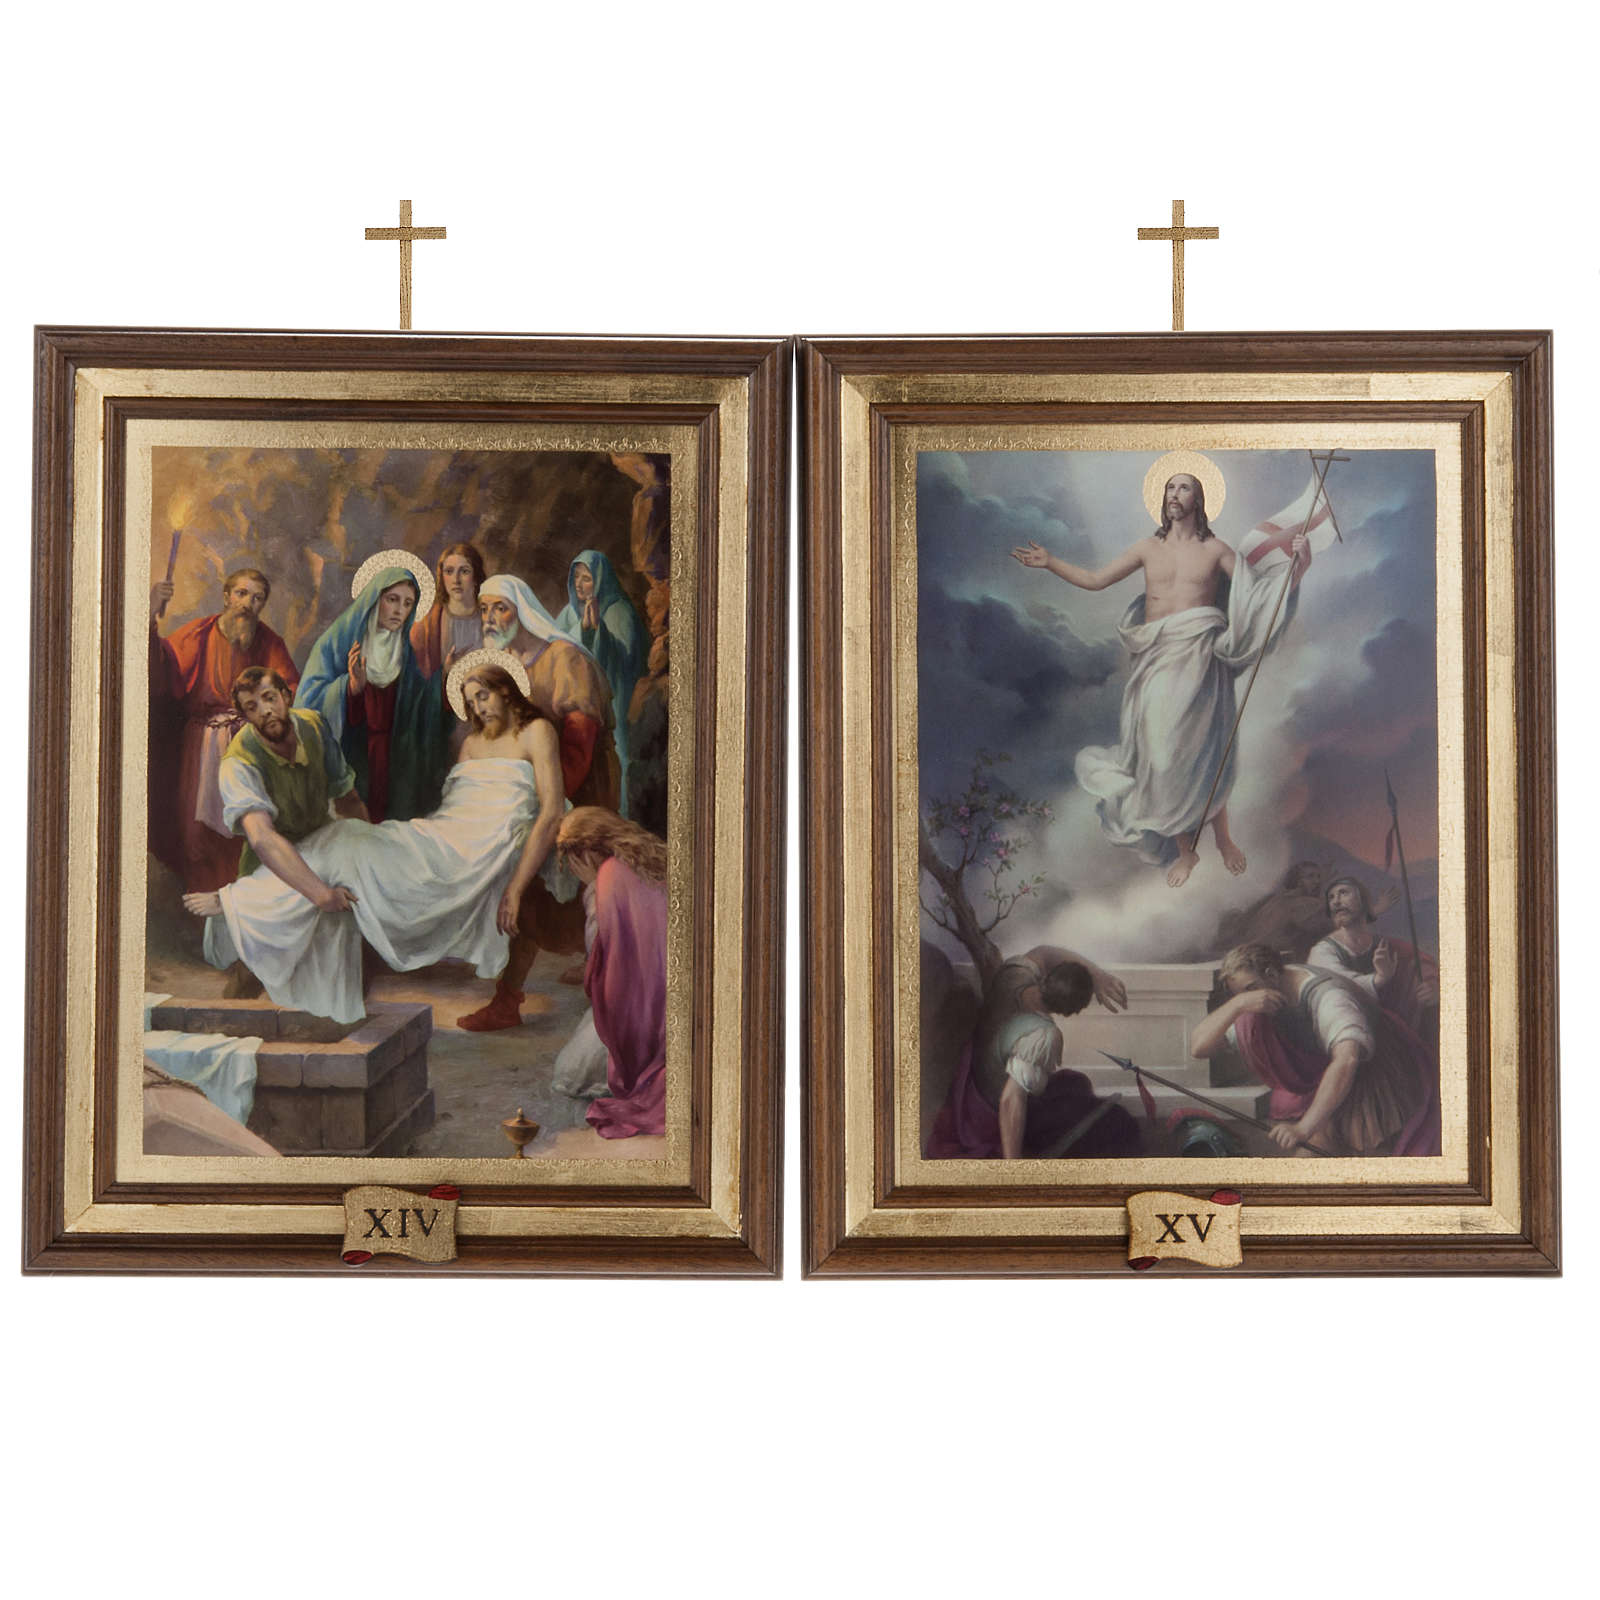 Cuadros Via Crucis madera similar pintura 15 estaciones 4